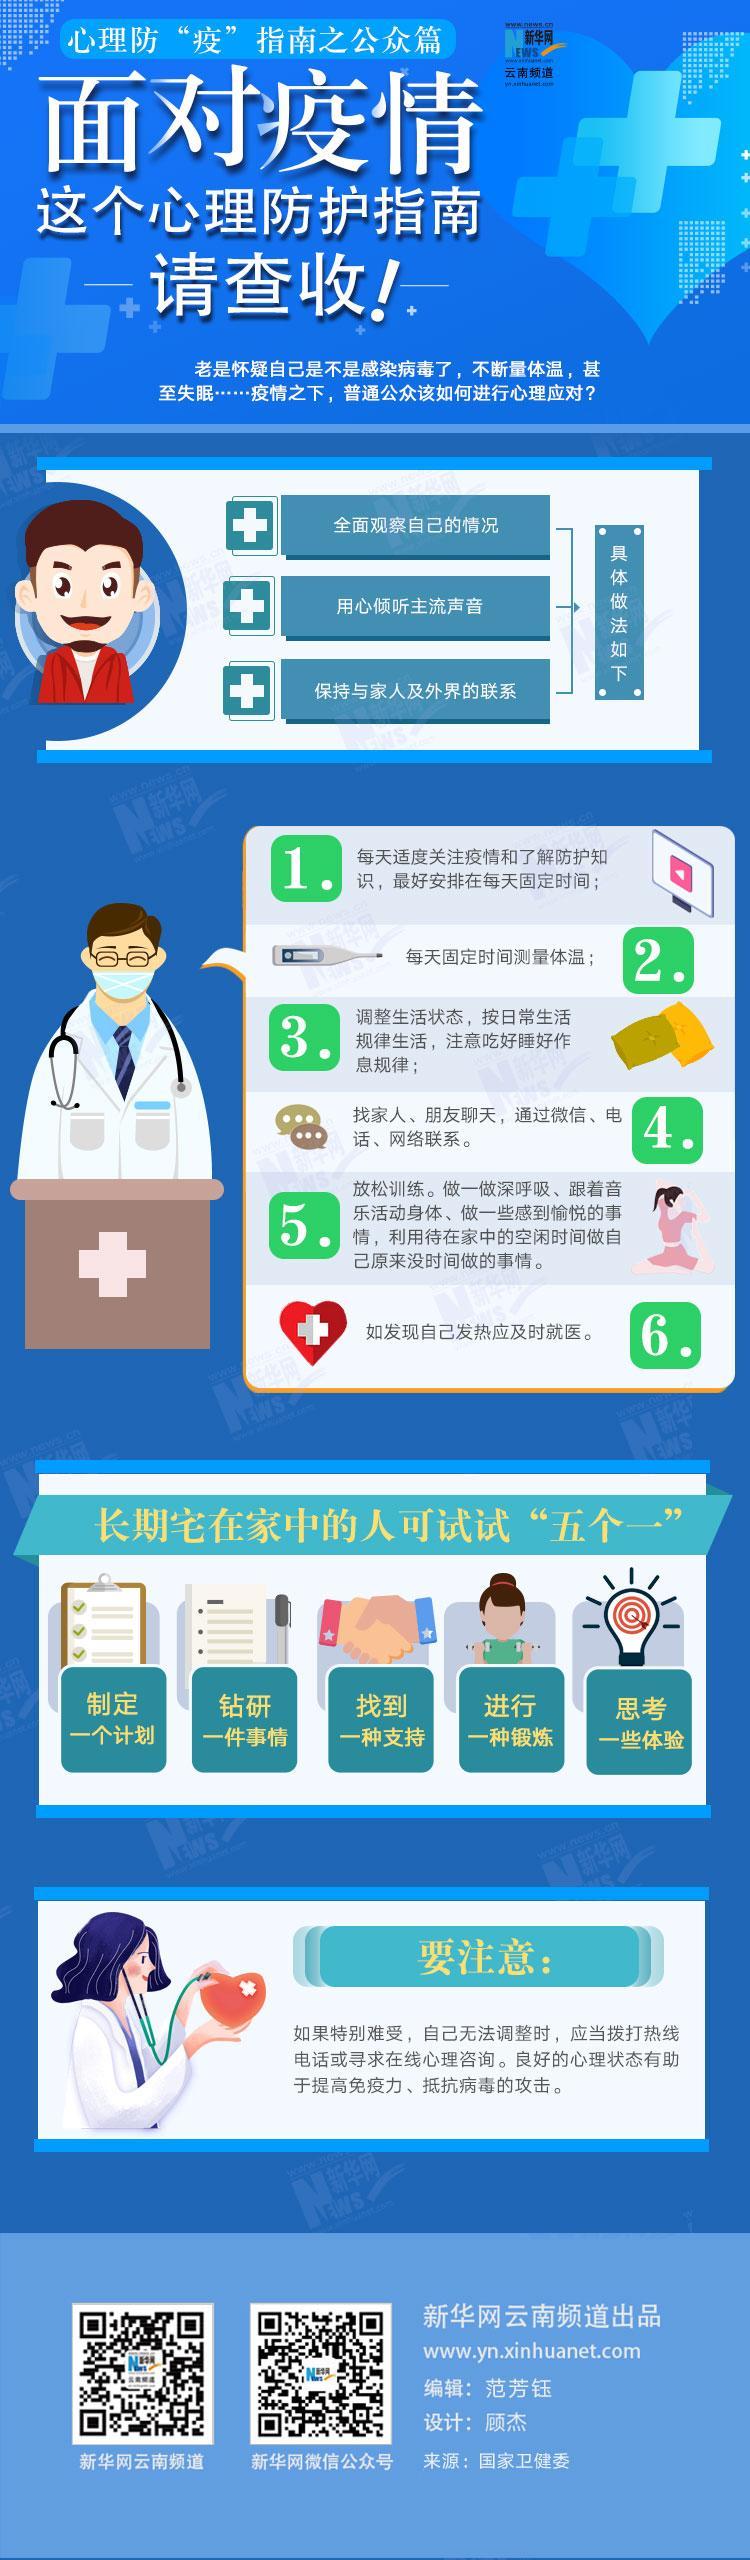 面对疫情,这个心上海助孕理防护指南请查收!